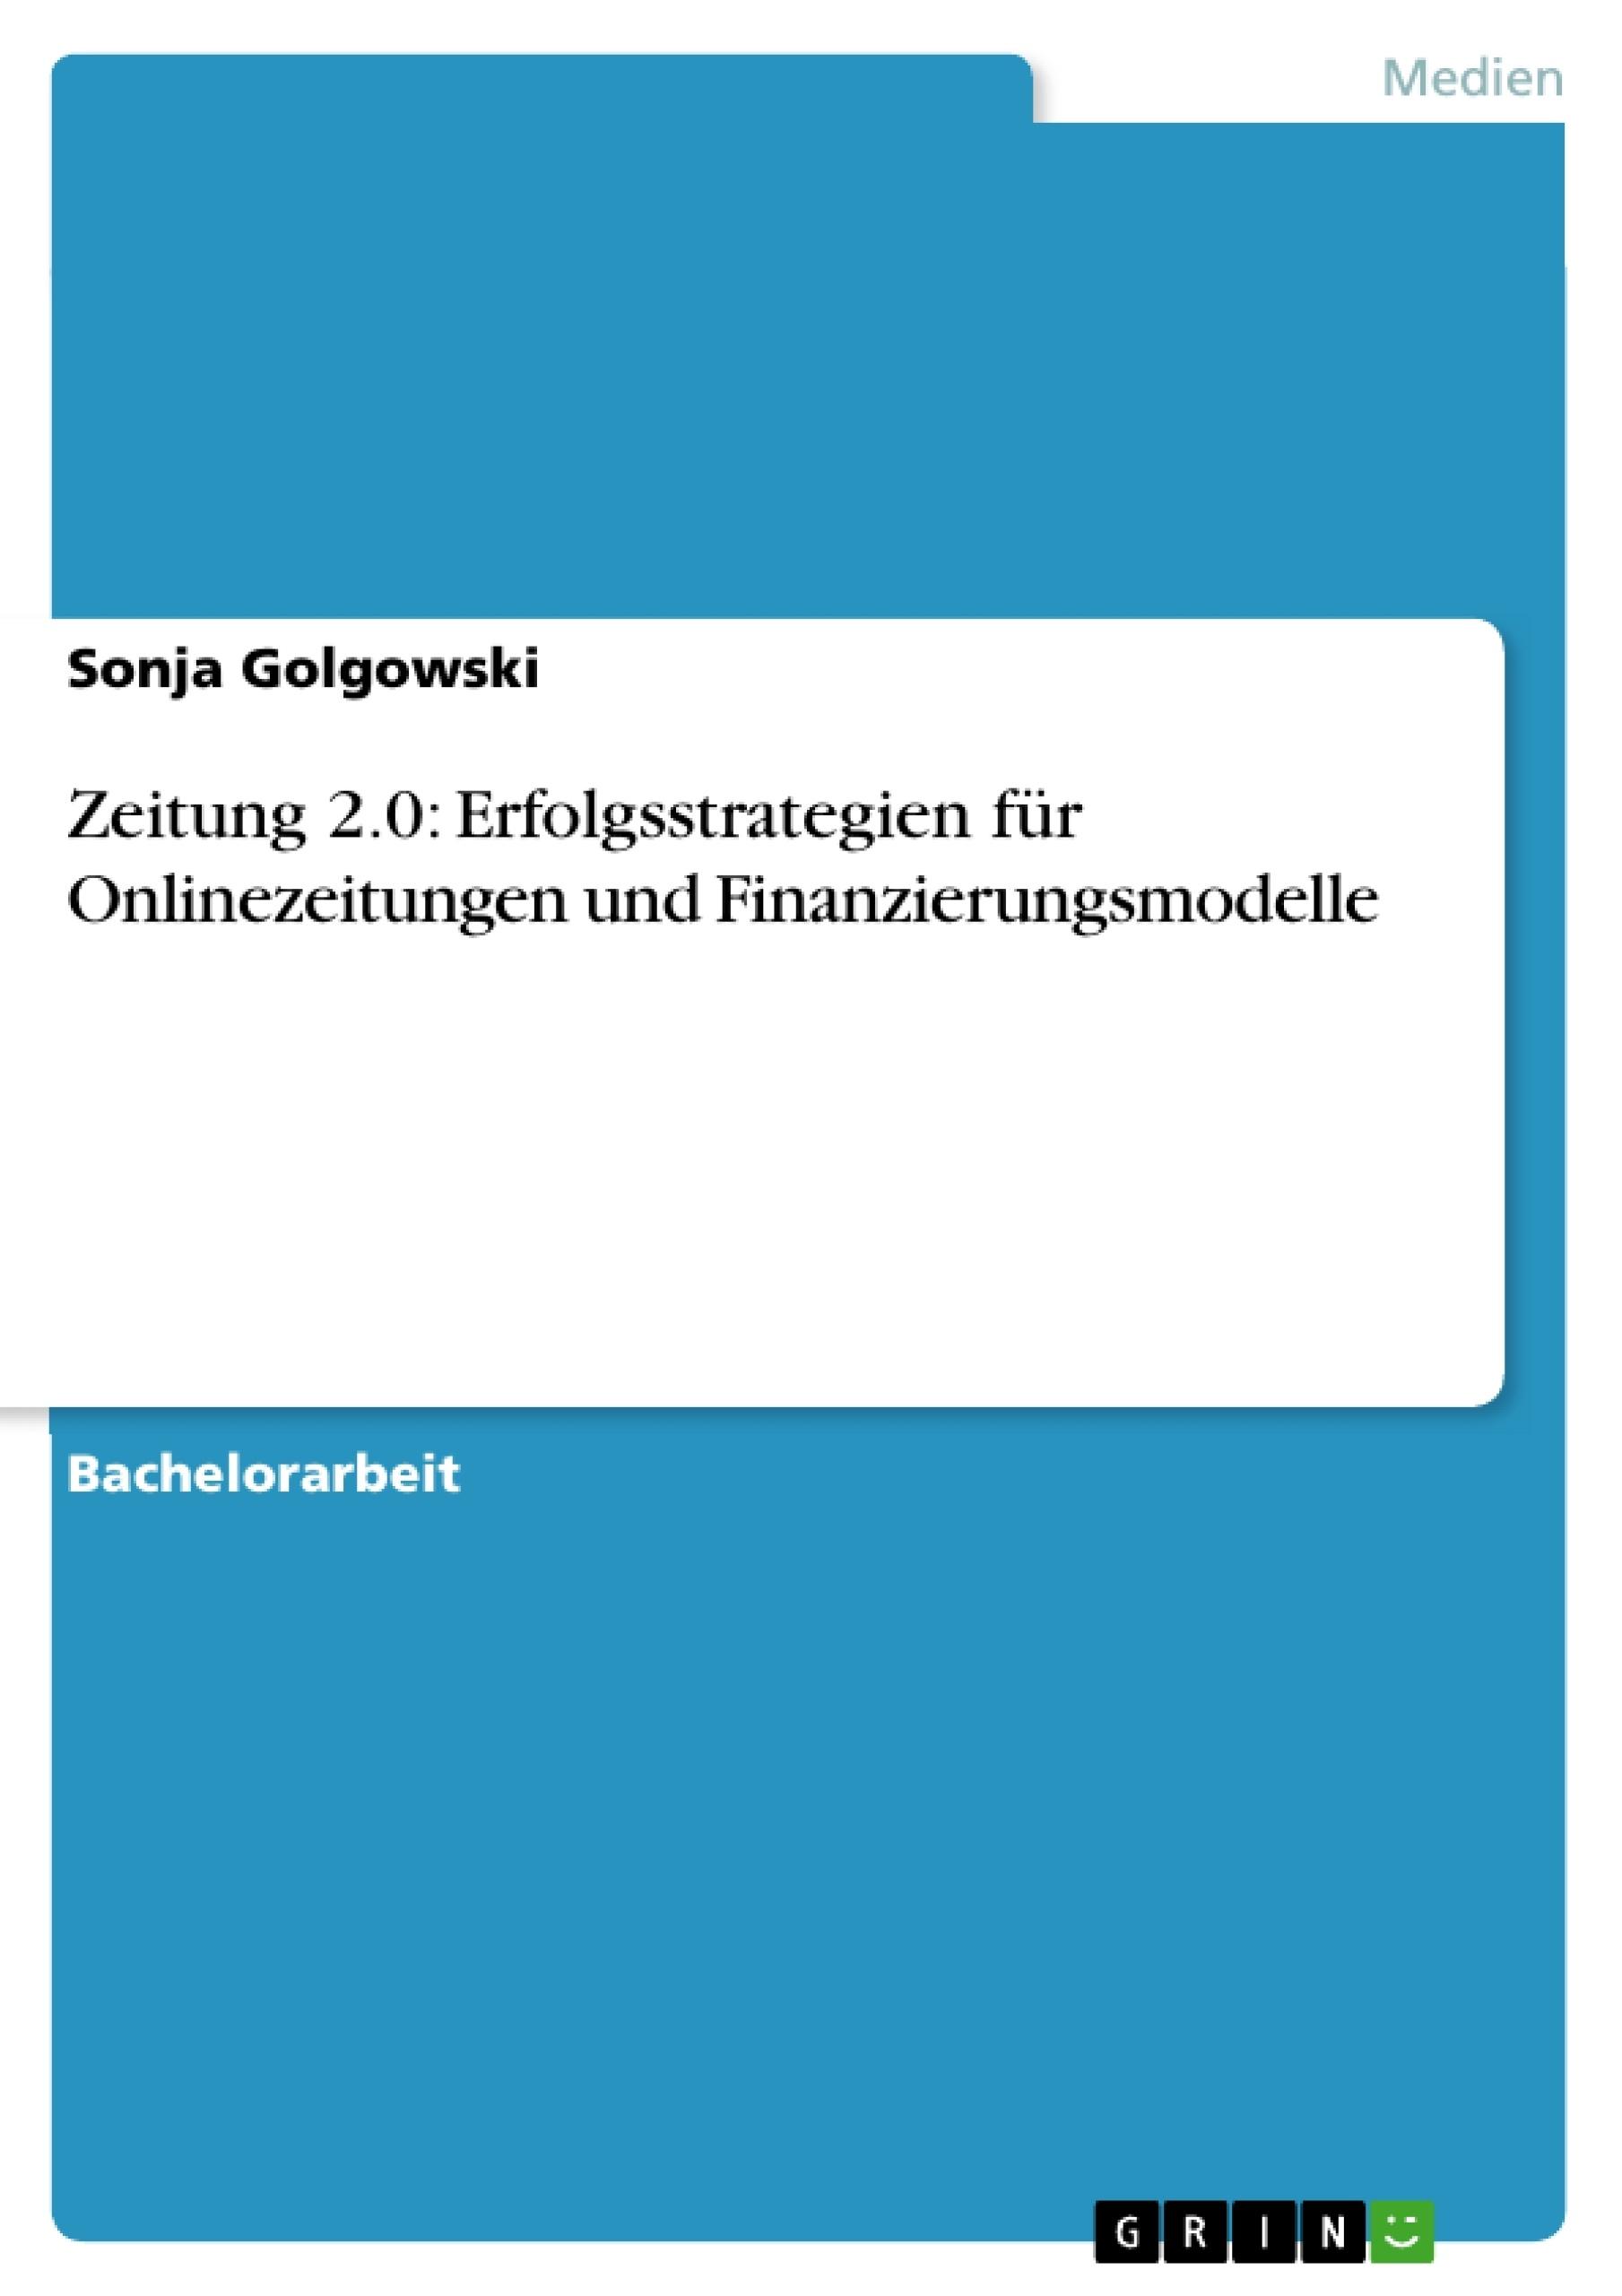 Titel: Zeitung 2.0: Erfolgsstrategien für Onlinezeitungen und Finanzierungsmodelle